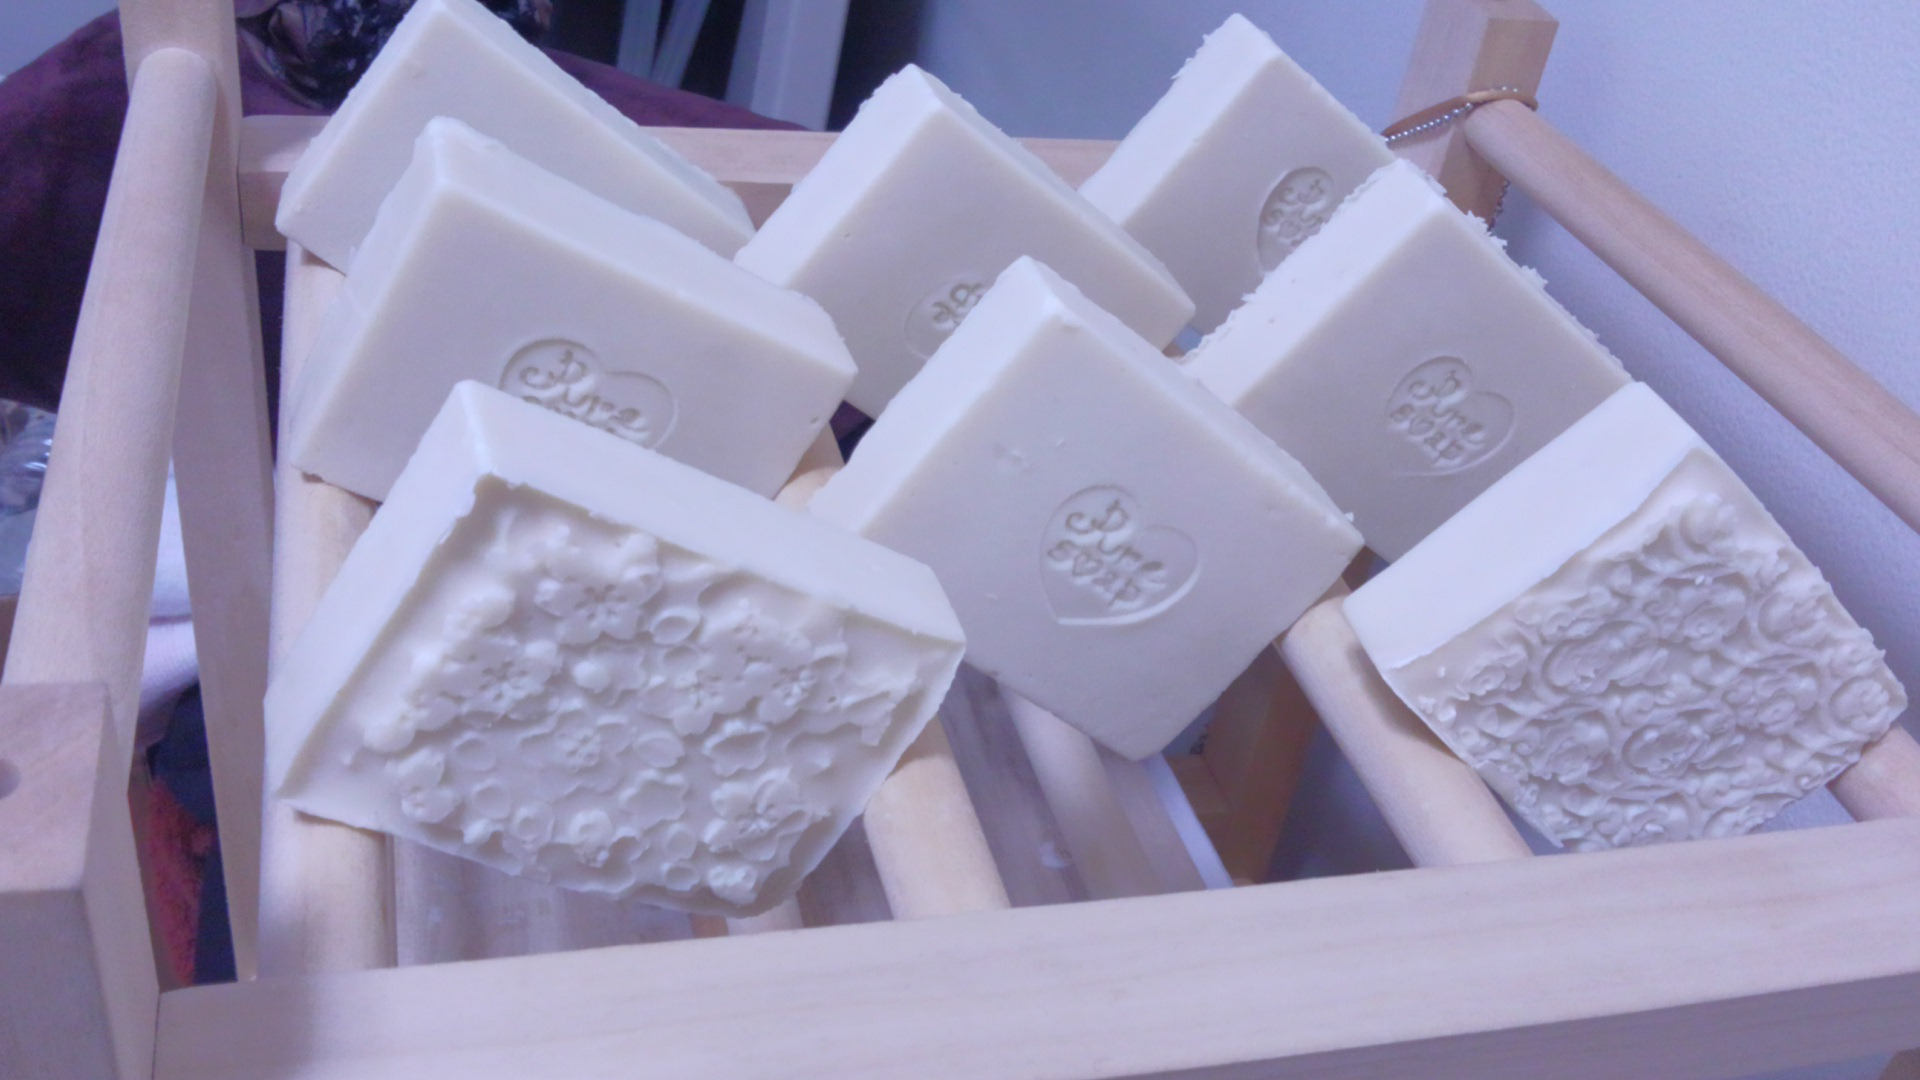 アロマクラフトで作った石鹸